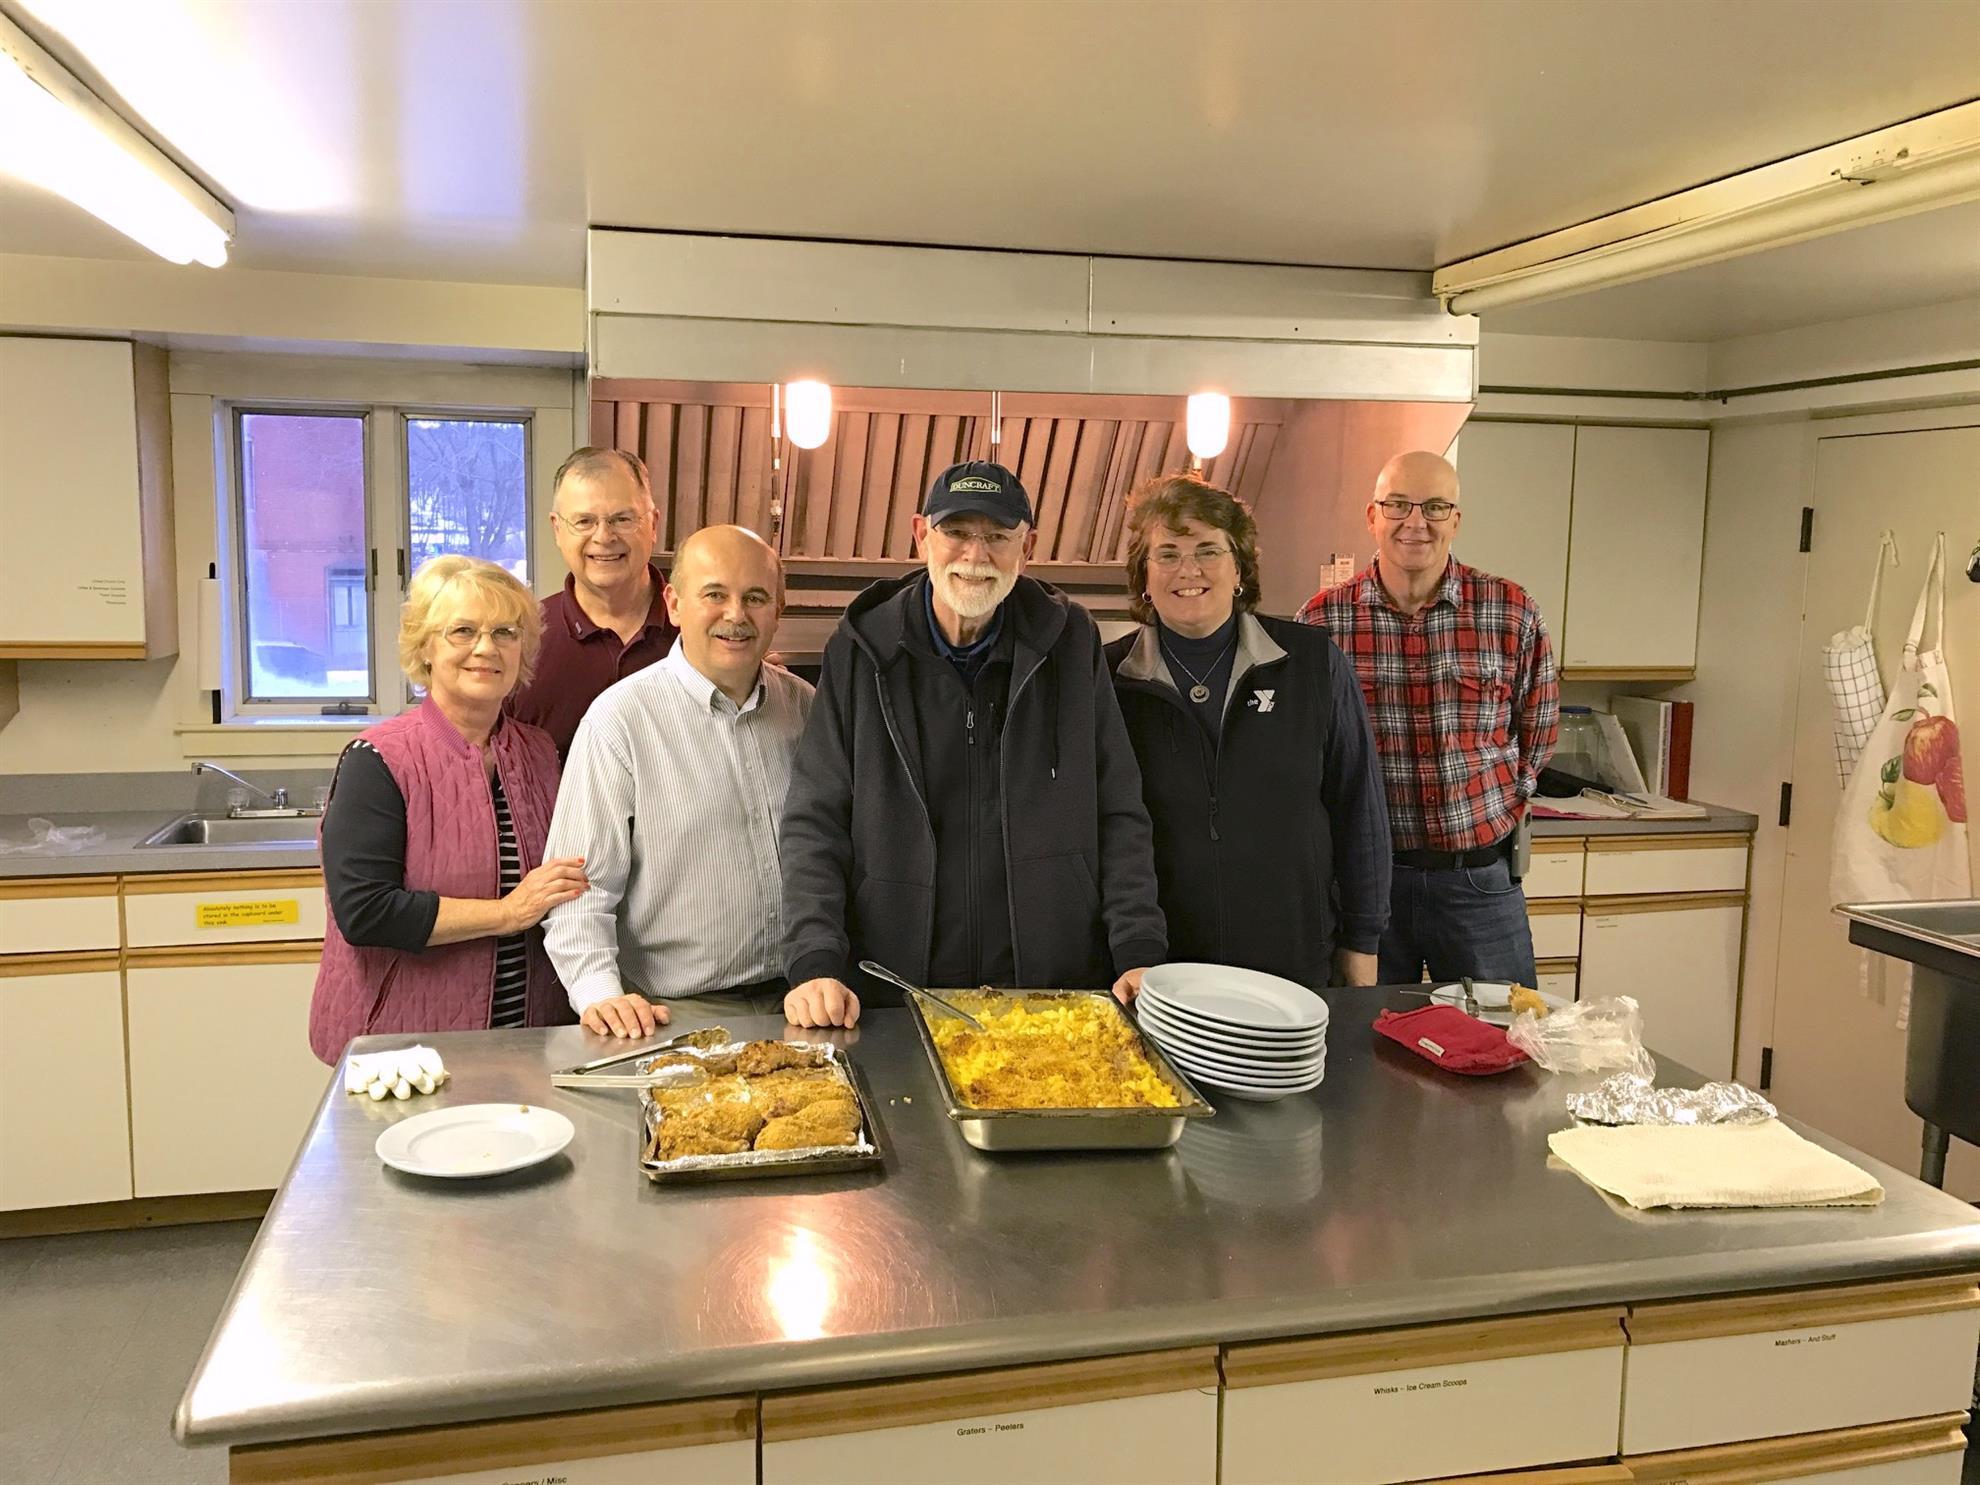 penacook community kitchen volunteers